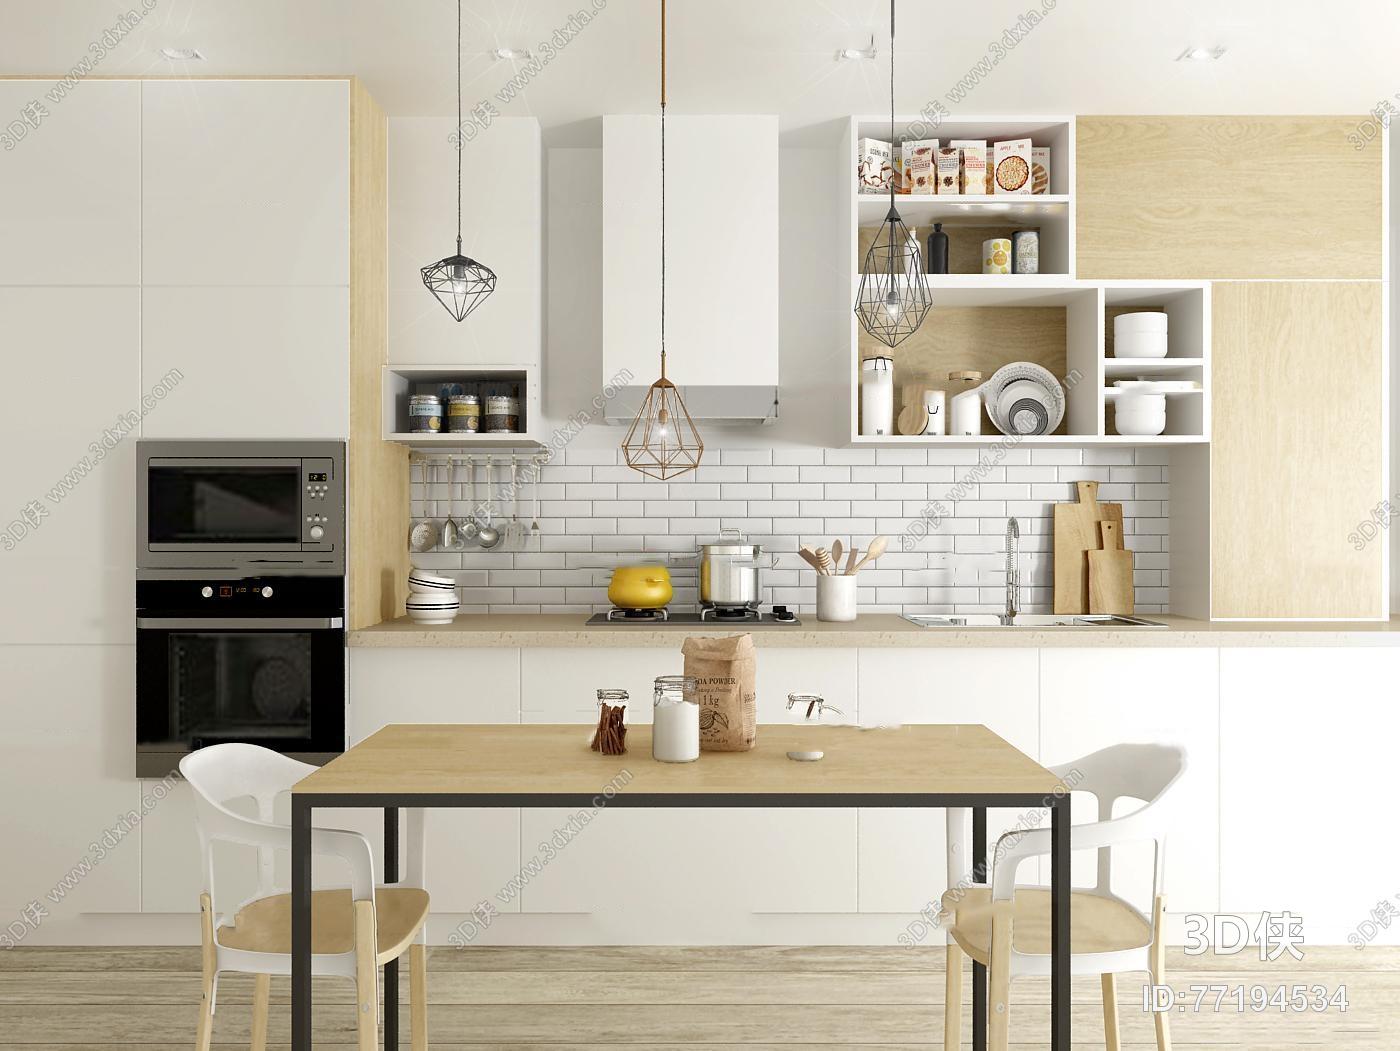 kitchen dinettes cost for remodel 现代厨房橱柜餐桌椅餐具组合3d模型 id 77194534 3d侠模型网 厨房餐桌椅